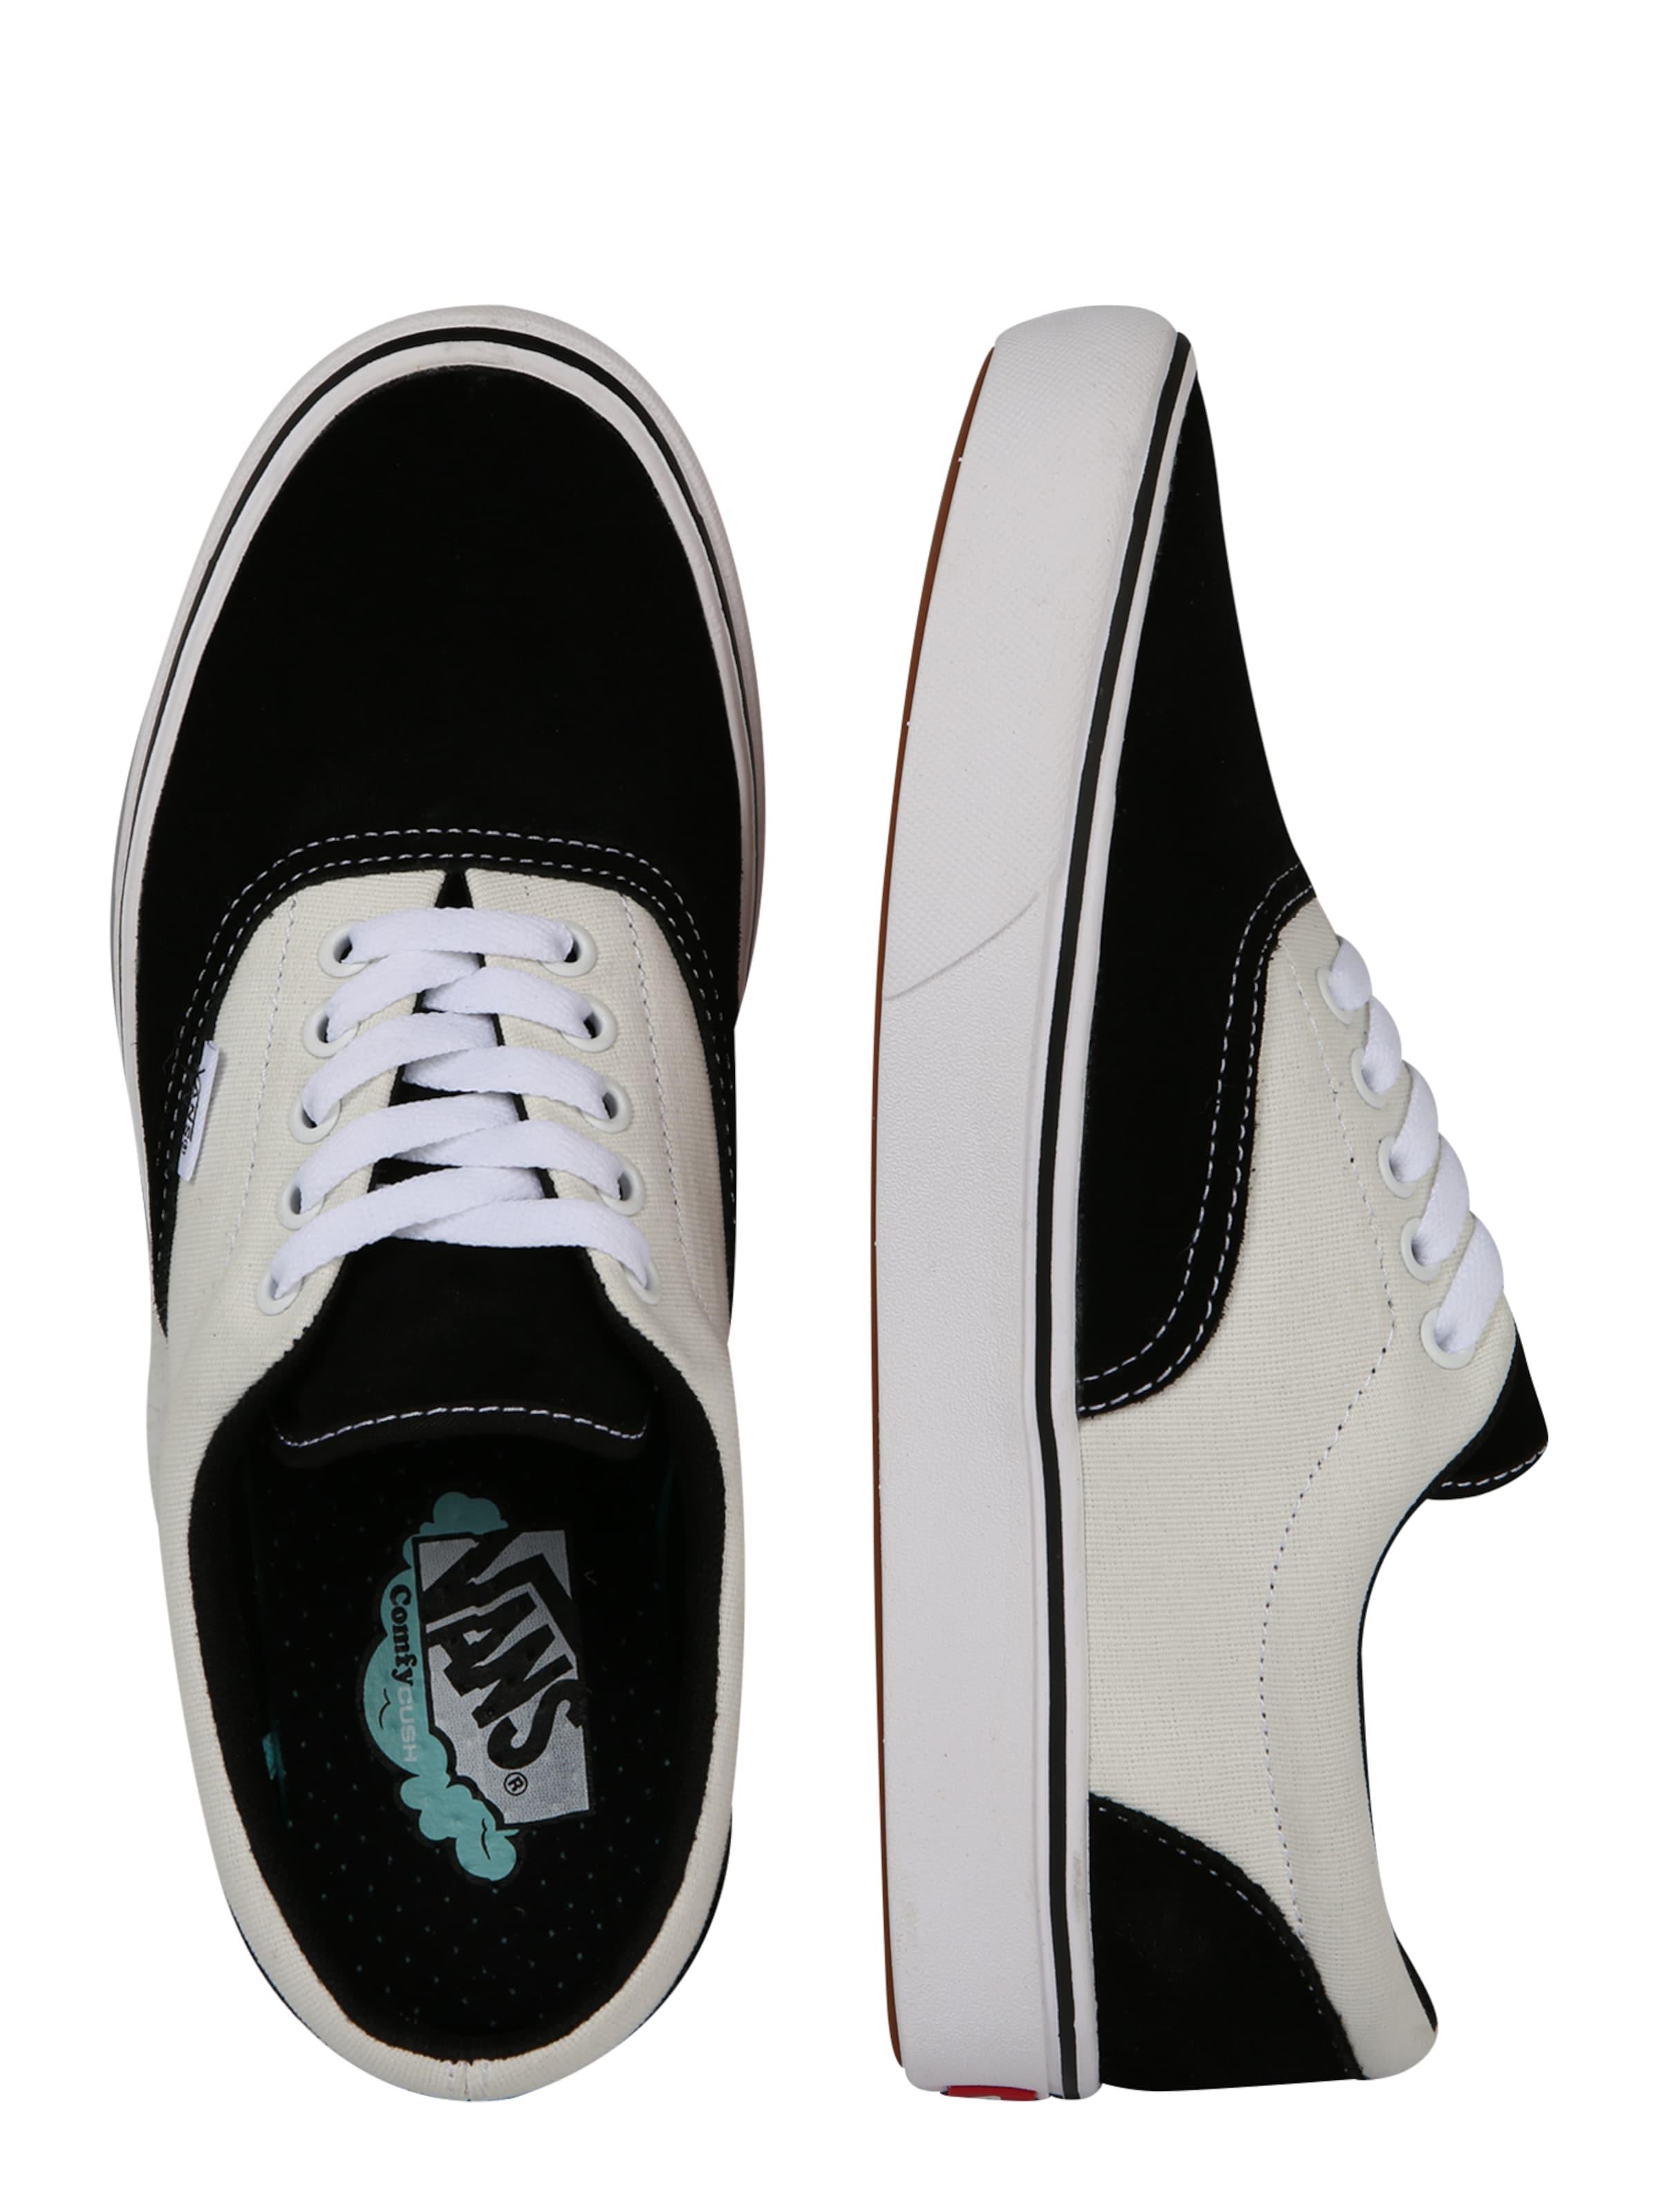 Comfycush Era' In Vans Sneaker SchwarzOffwhite 'ua 08OXwnPk